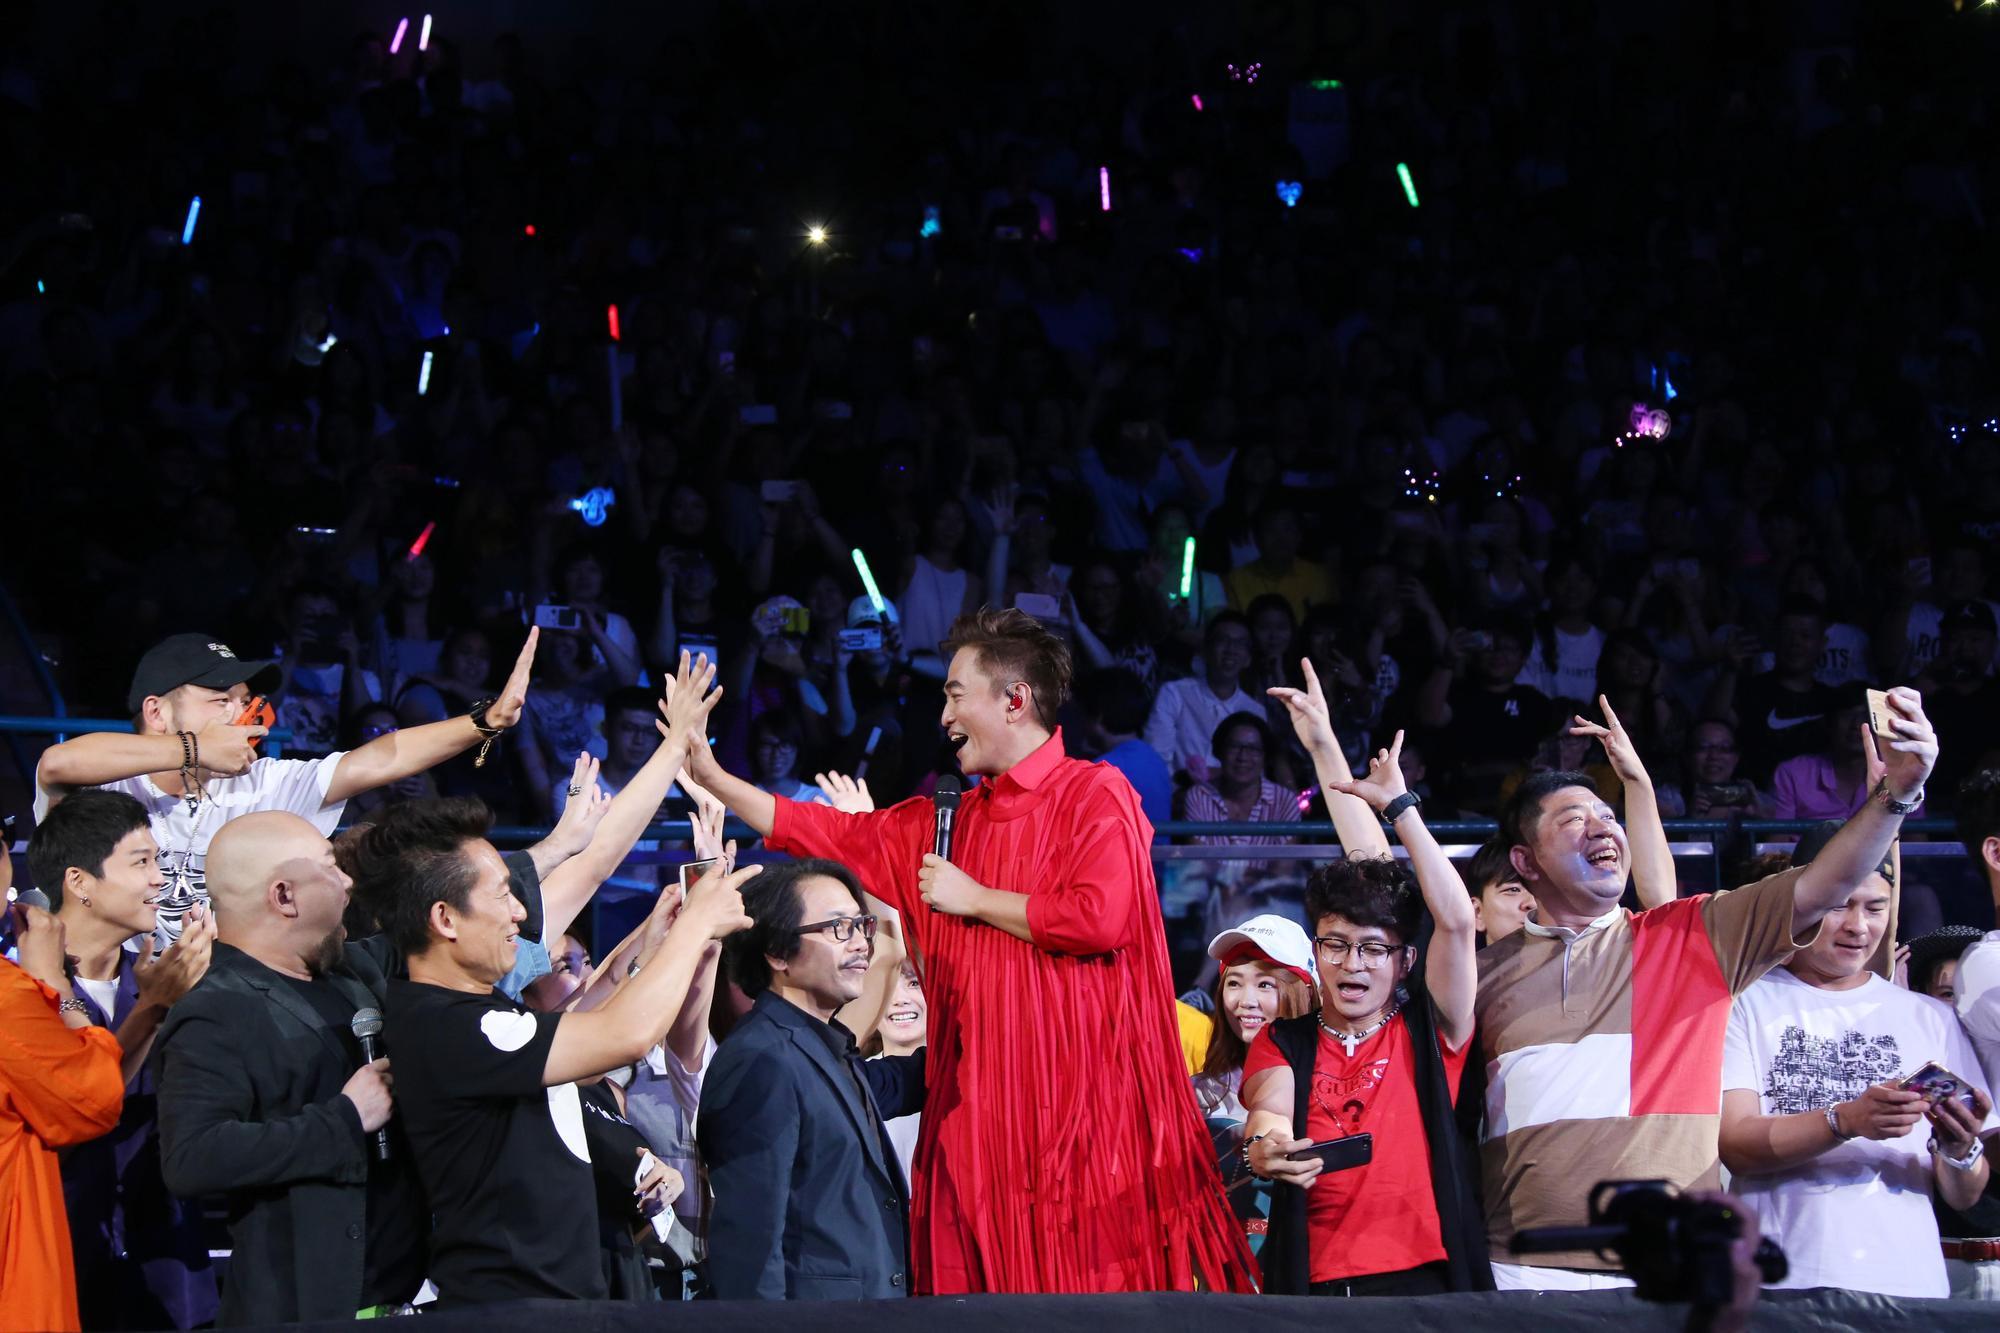 吳宗憲放話從小高雄長大,親戚超過2000人,毫不擔心票房。(華貴娛樂提供)